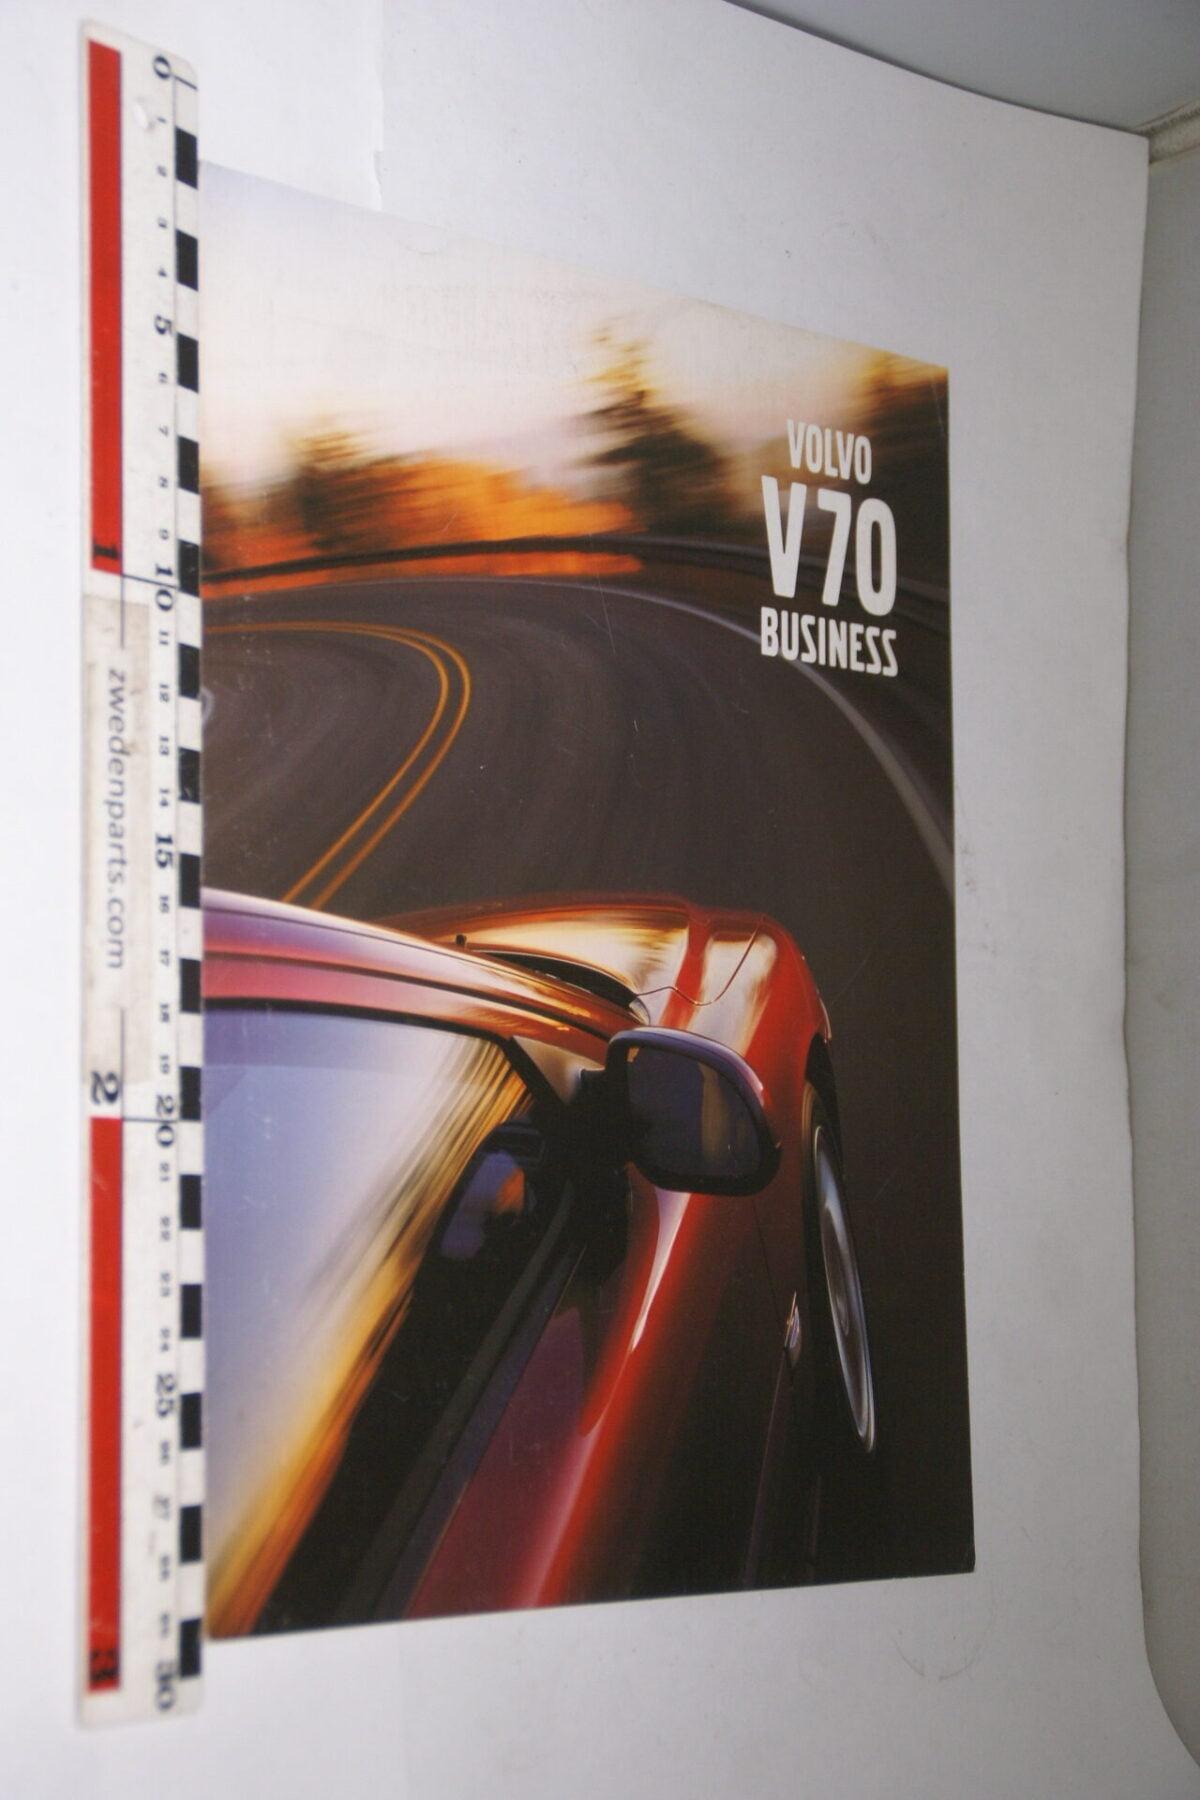 DSC05252 2000 originele brochure Volvo V70 Business nr VB-PV 145, Svensk-5faf0966